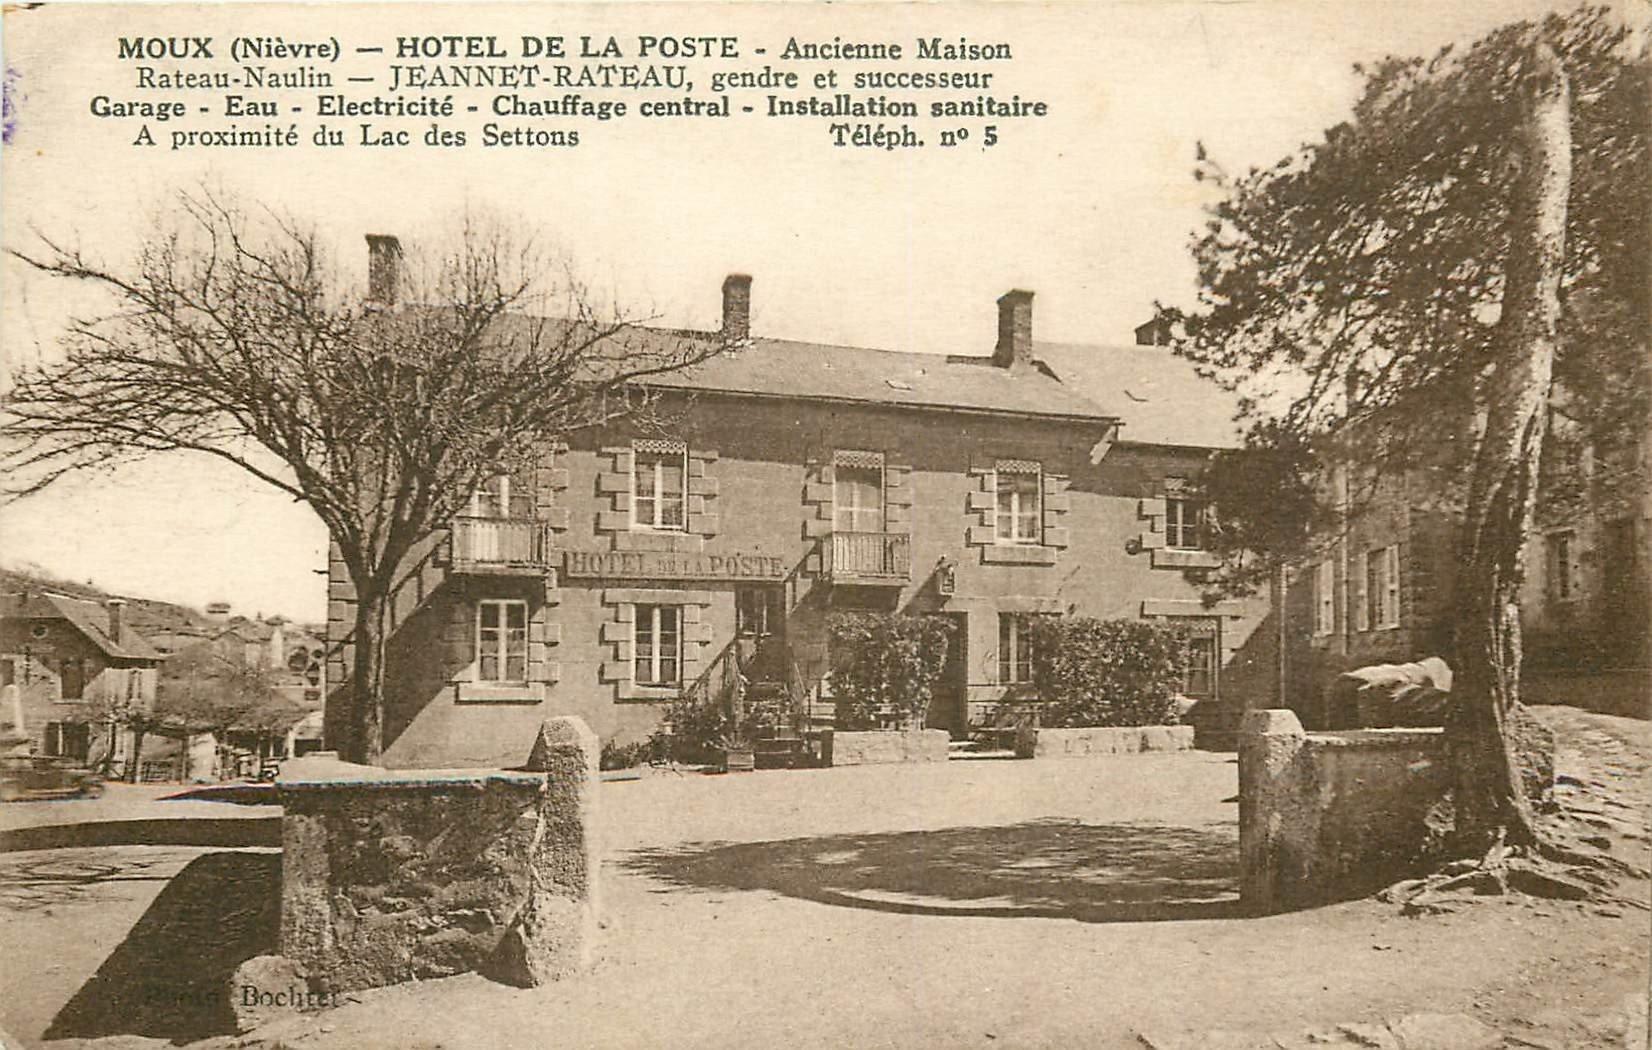 58 MOUX. Hôtel de la Poste